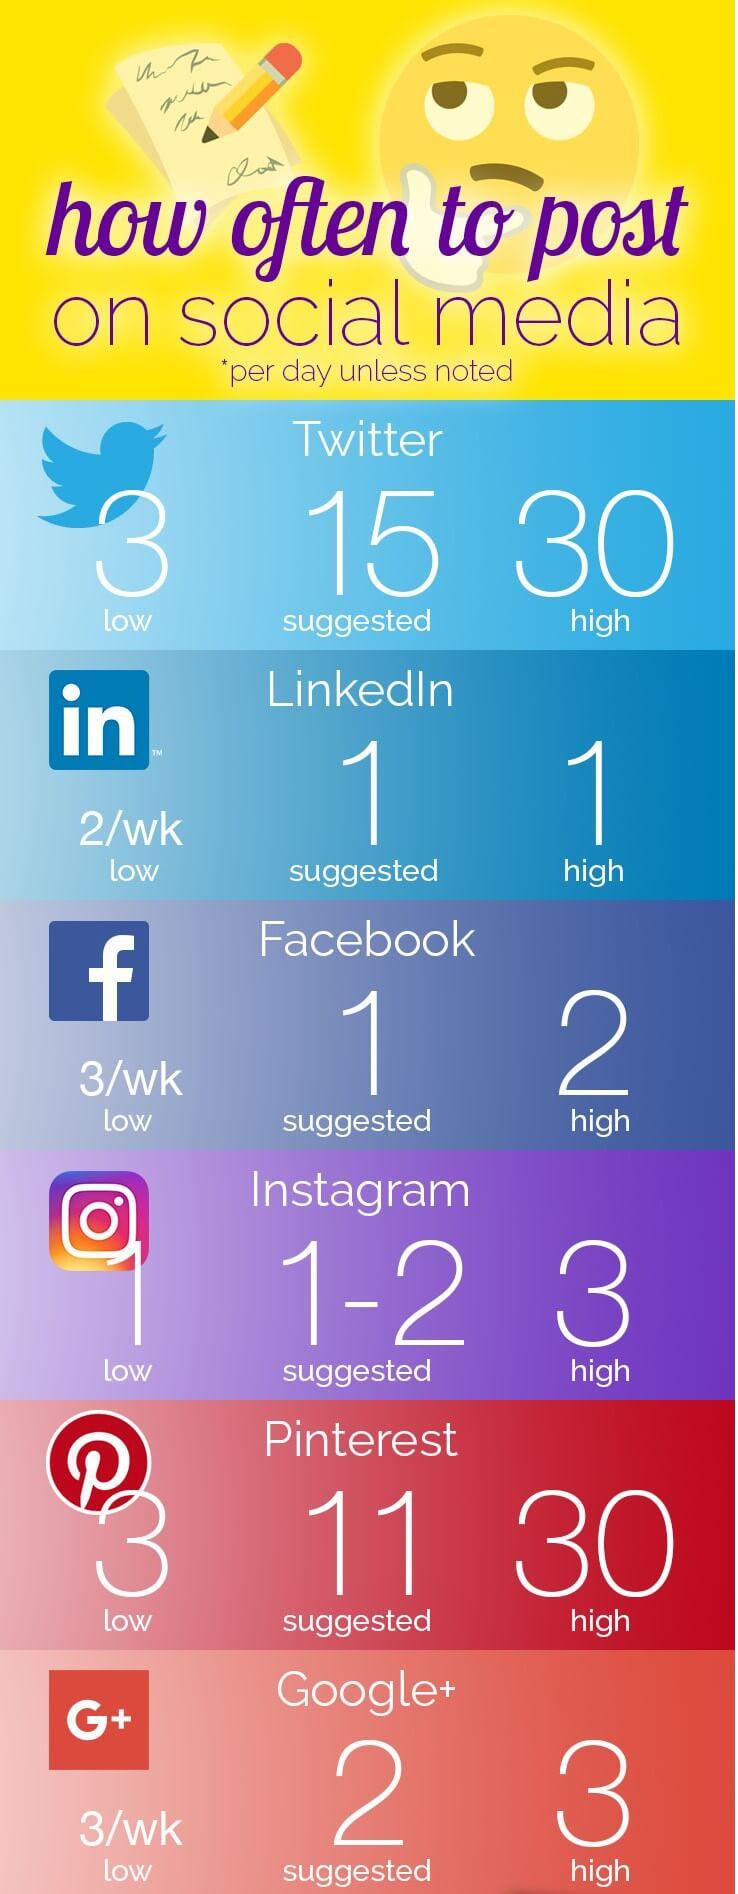 روزانه چند پست در اینستاگرام قرار دهیم ؟